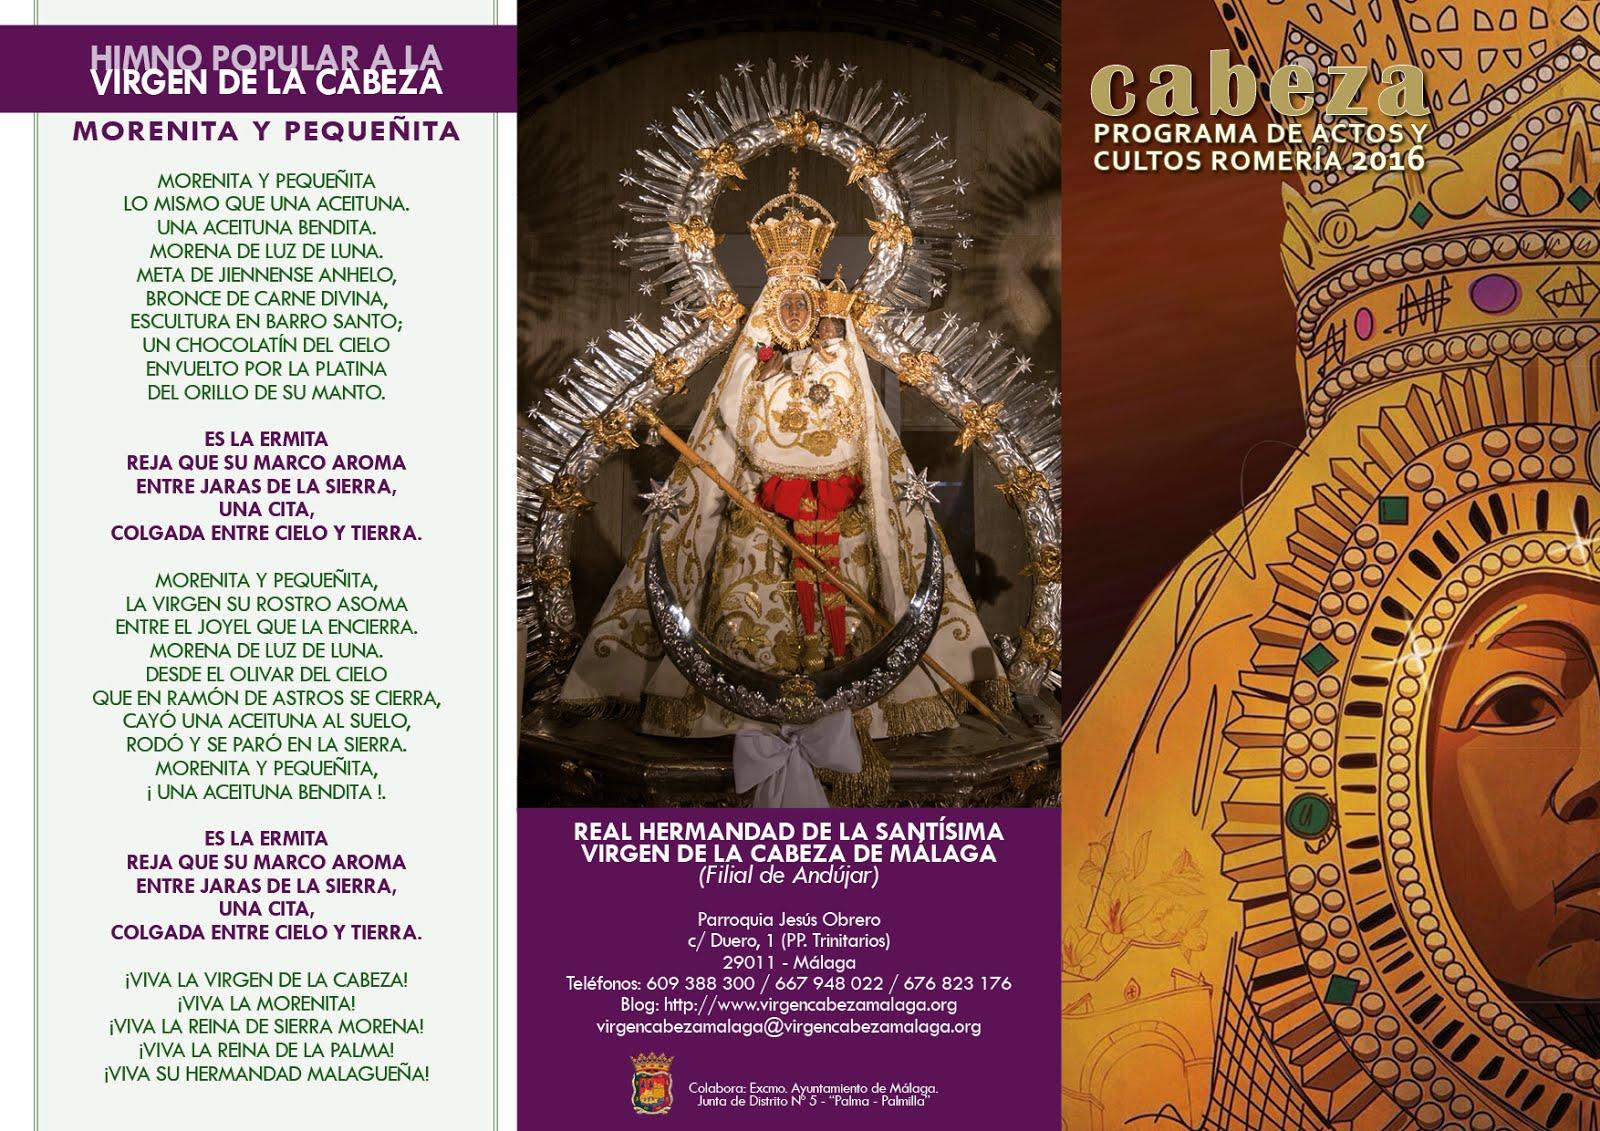 Programa de Actos y Cultos ROMERÍA 2016. Real Hdad. de Málaga.